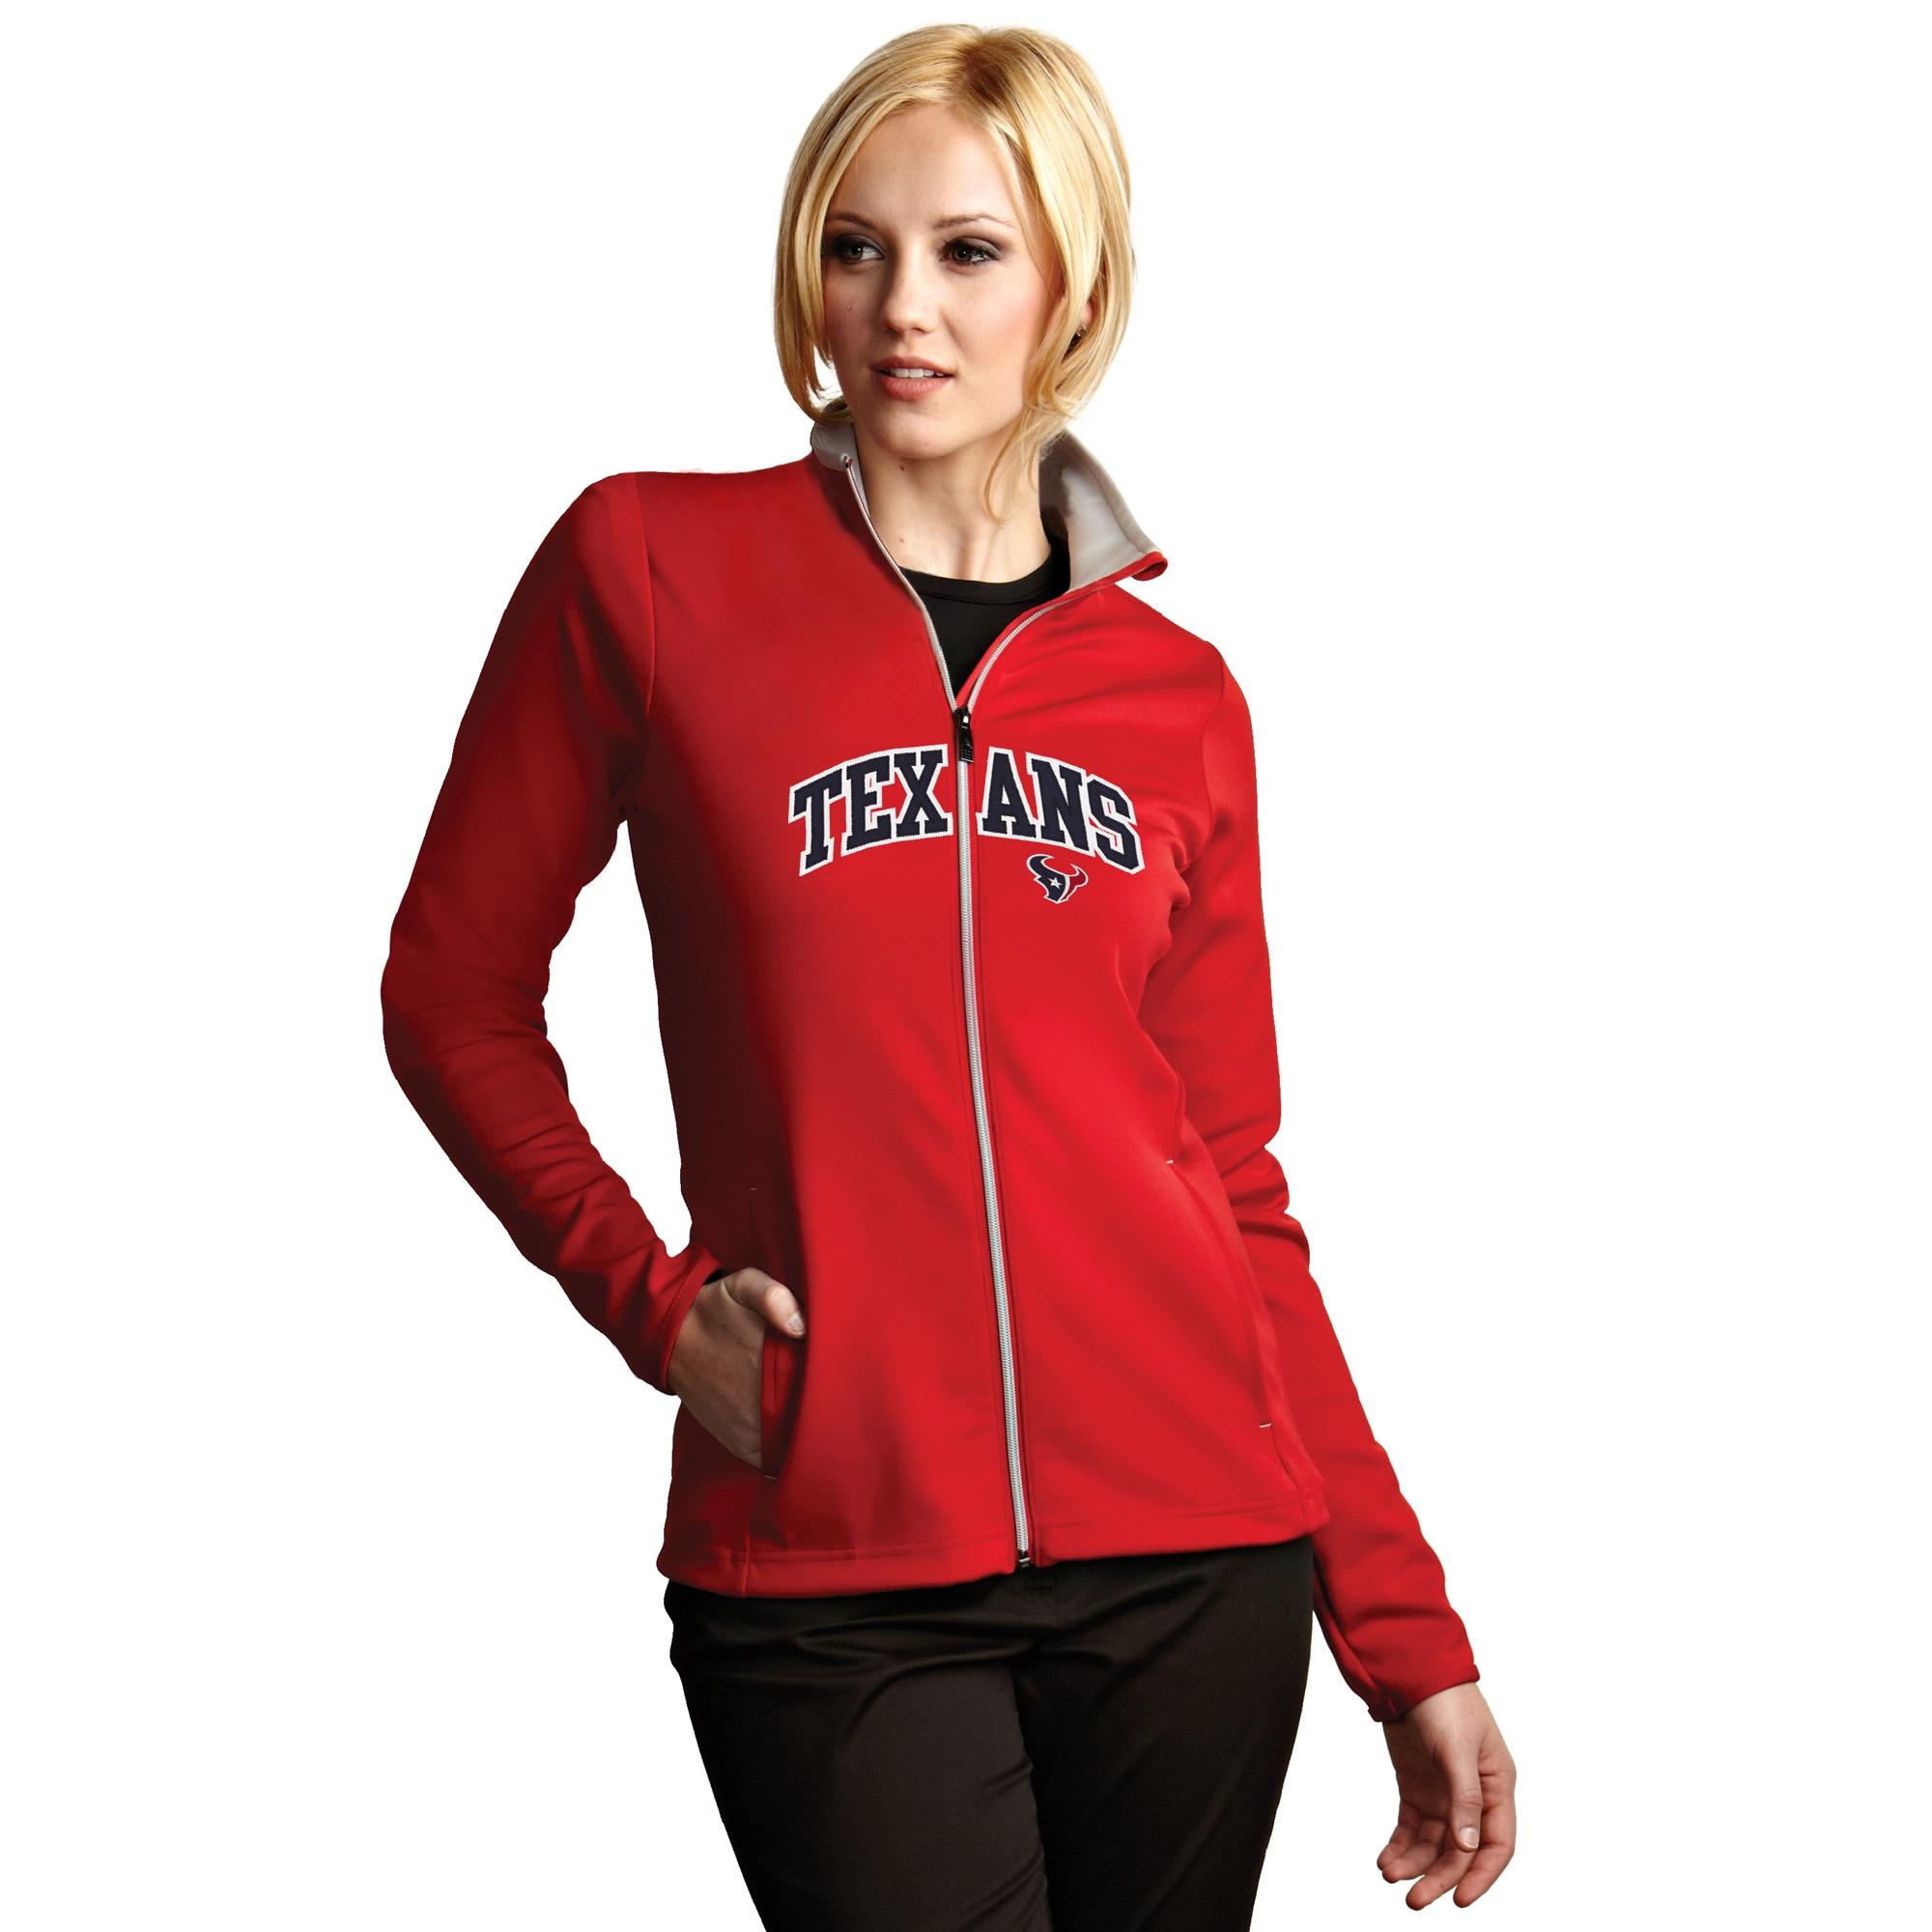 Houston Texans Antigua Women's Leader Full Chest Graphic Desert Dry Full-Zip Jacket - Red